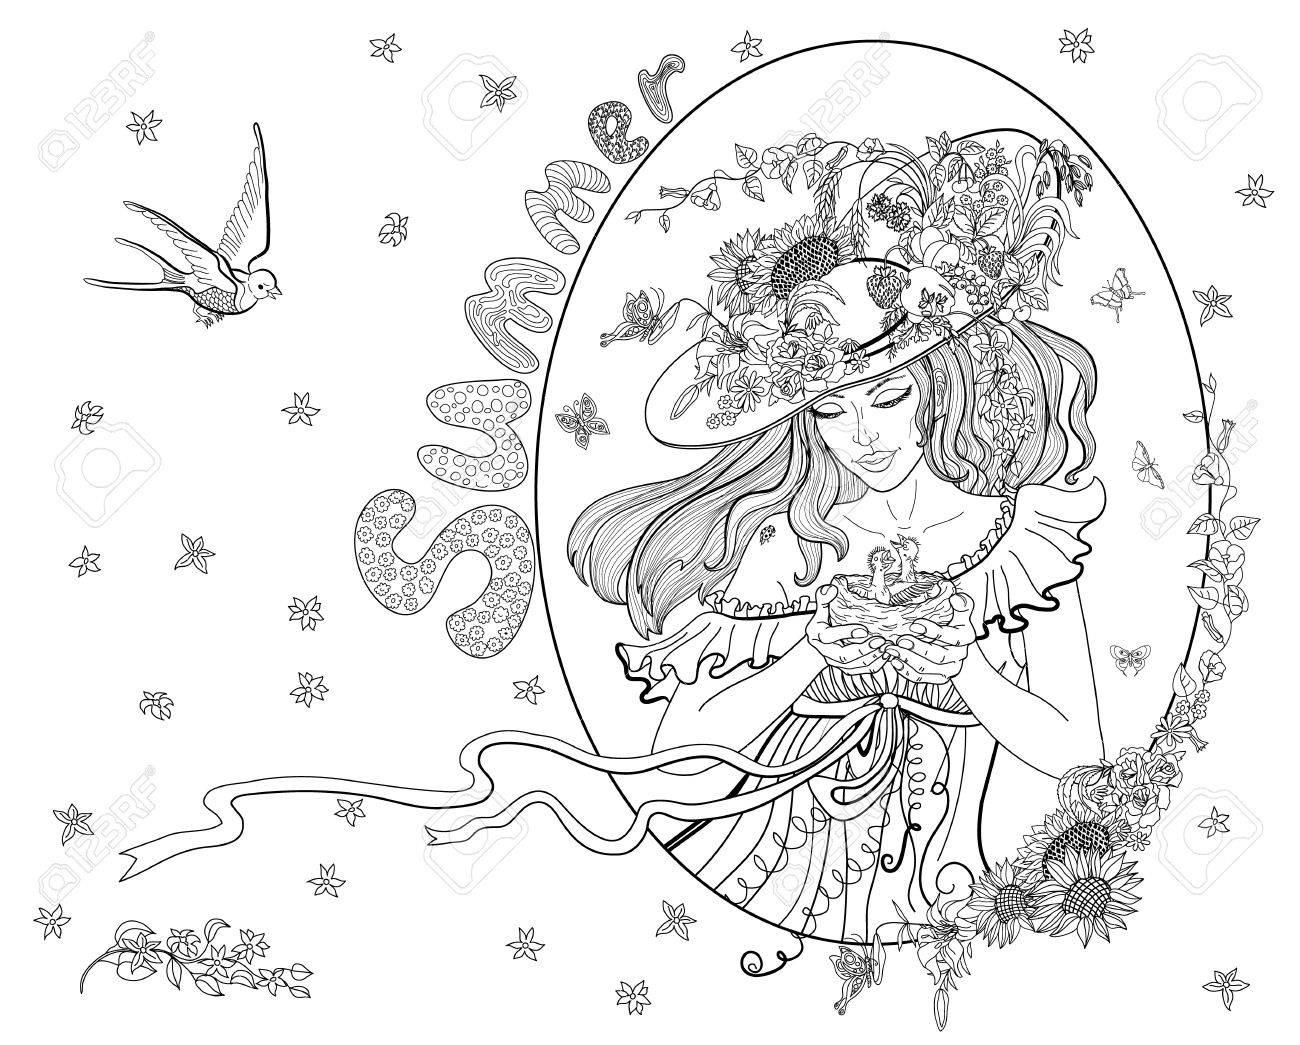 Coloriage Adulte Ete.Coloriage Pour Les Adultes Avec Une Fille De L Ete Les Fleurs Les Oiseaux Et Les Papillons